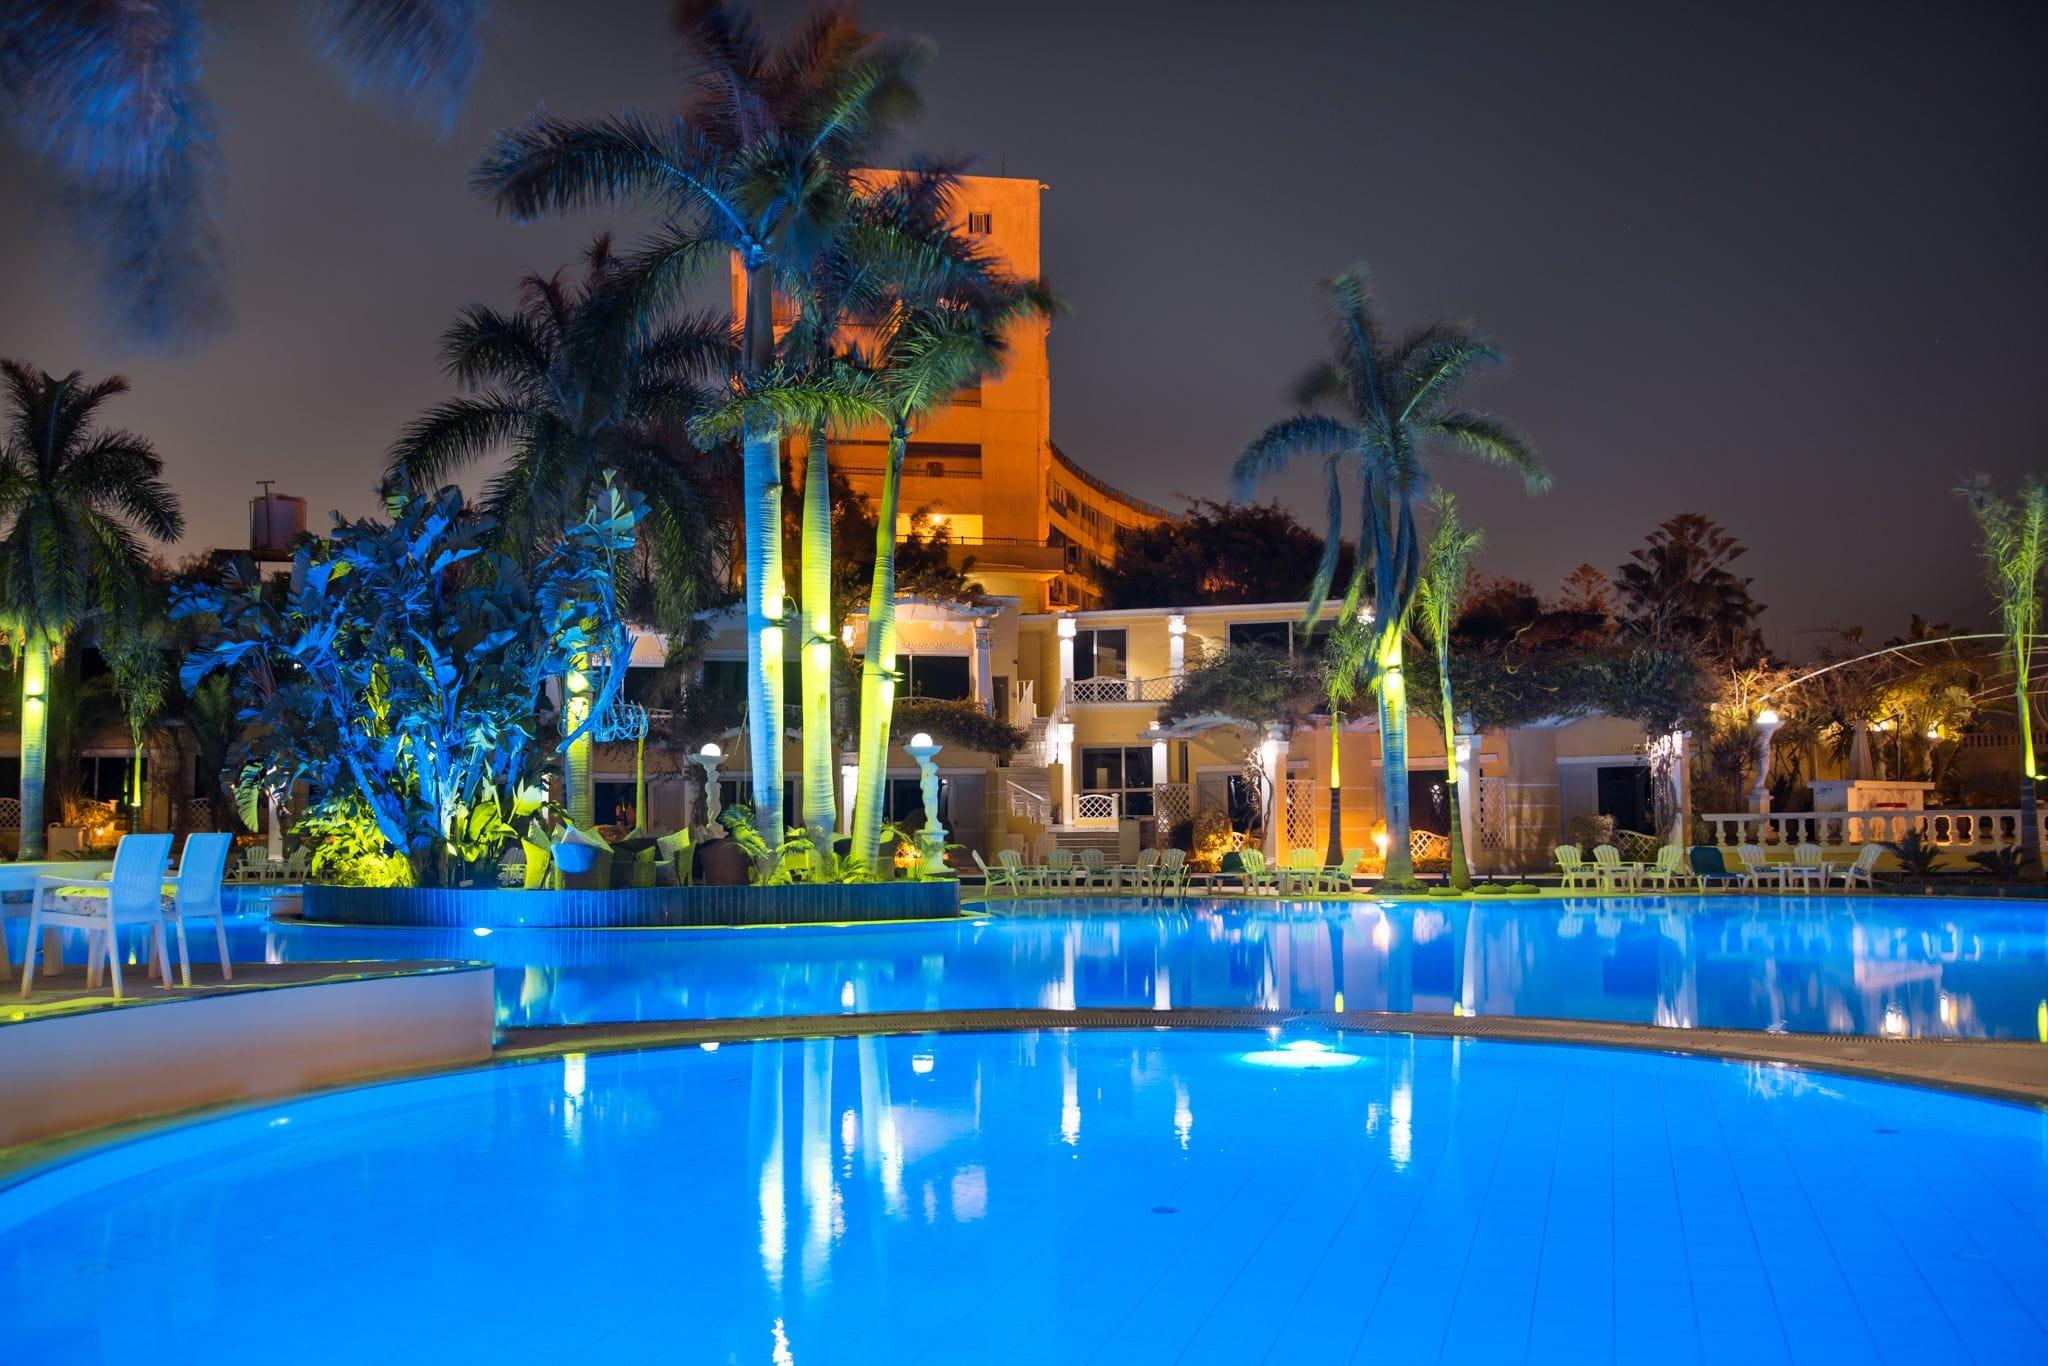 Paradise Inn Mamoura Beach